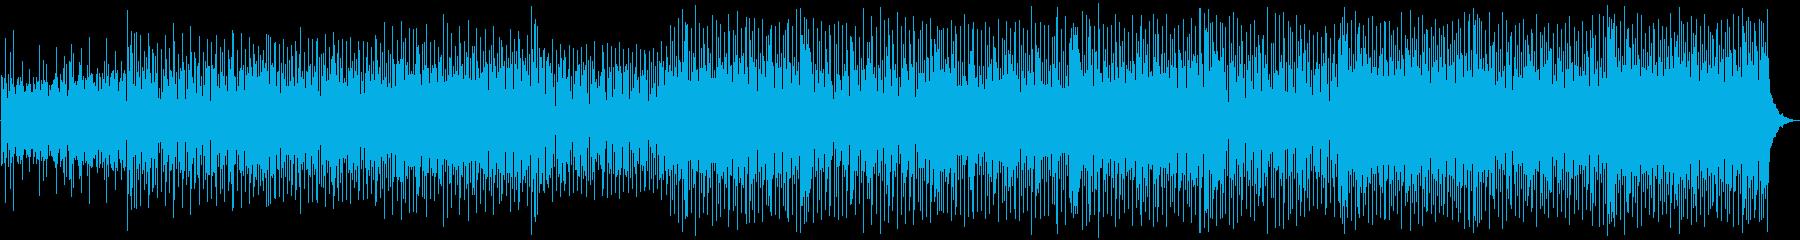 アコーディオン、ピアノ、アコーステ...の再生済みの波形